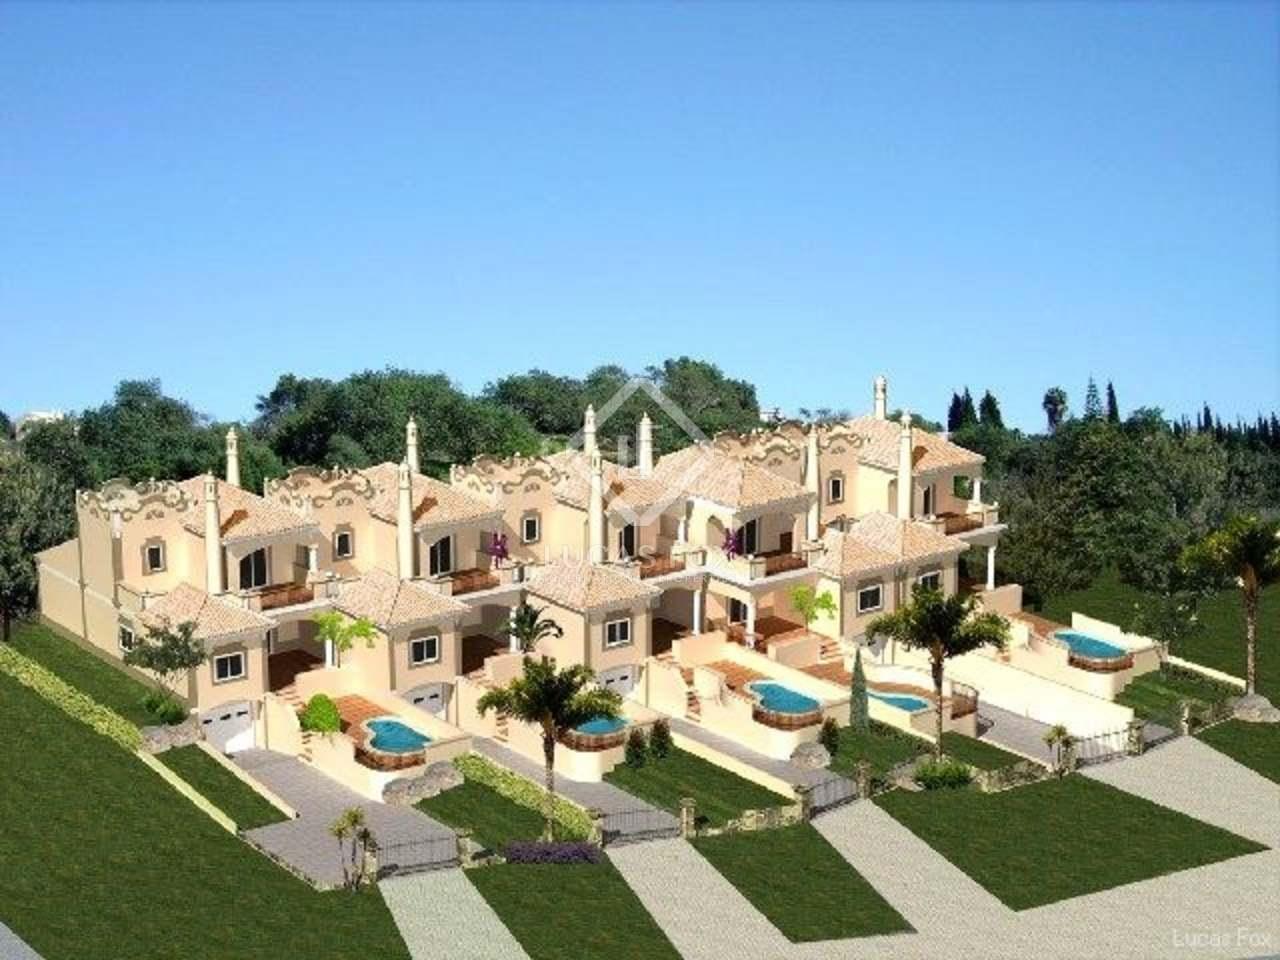 Maison villa de 232m a vendre algarve portugal for Acheter une maison au portugal particulier